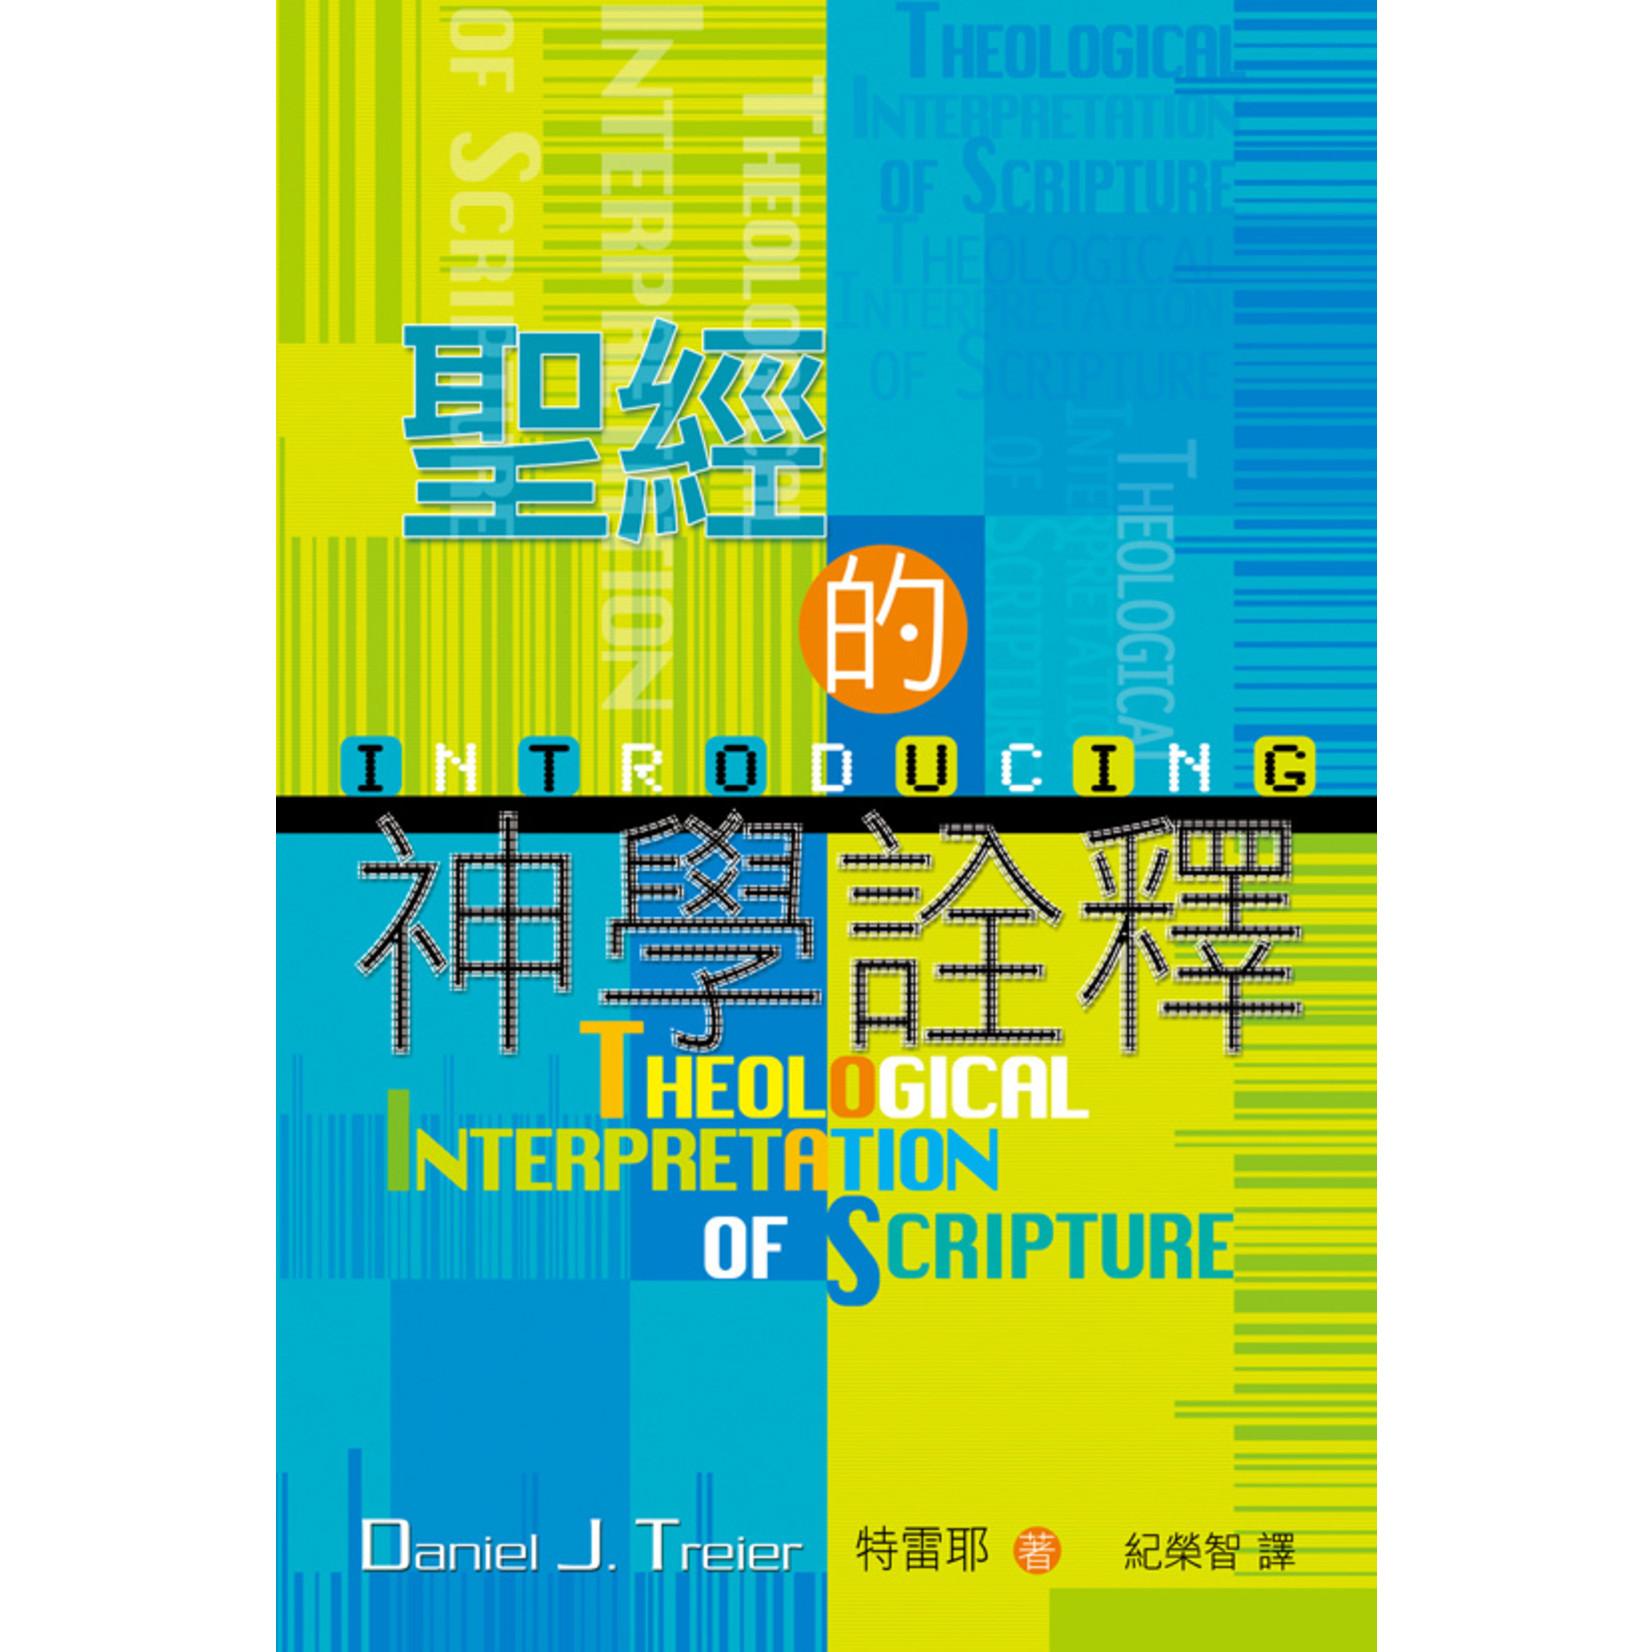 天道書樓 Tien Dao Publishing House 聖經的神學詮釋 Introducing Theological Interpretation of Scripture